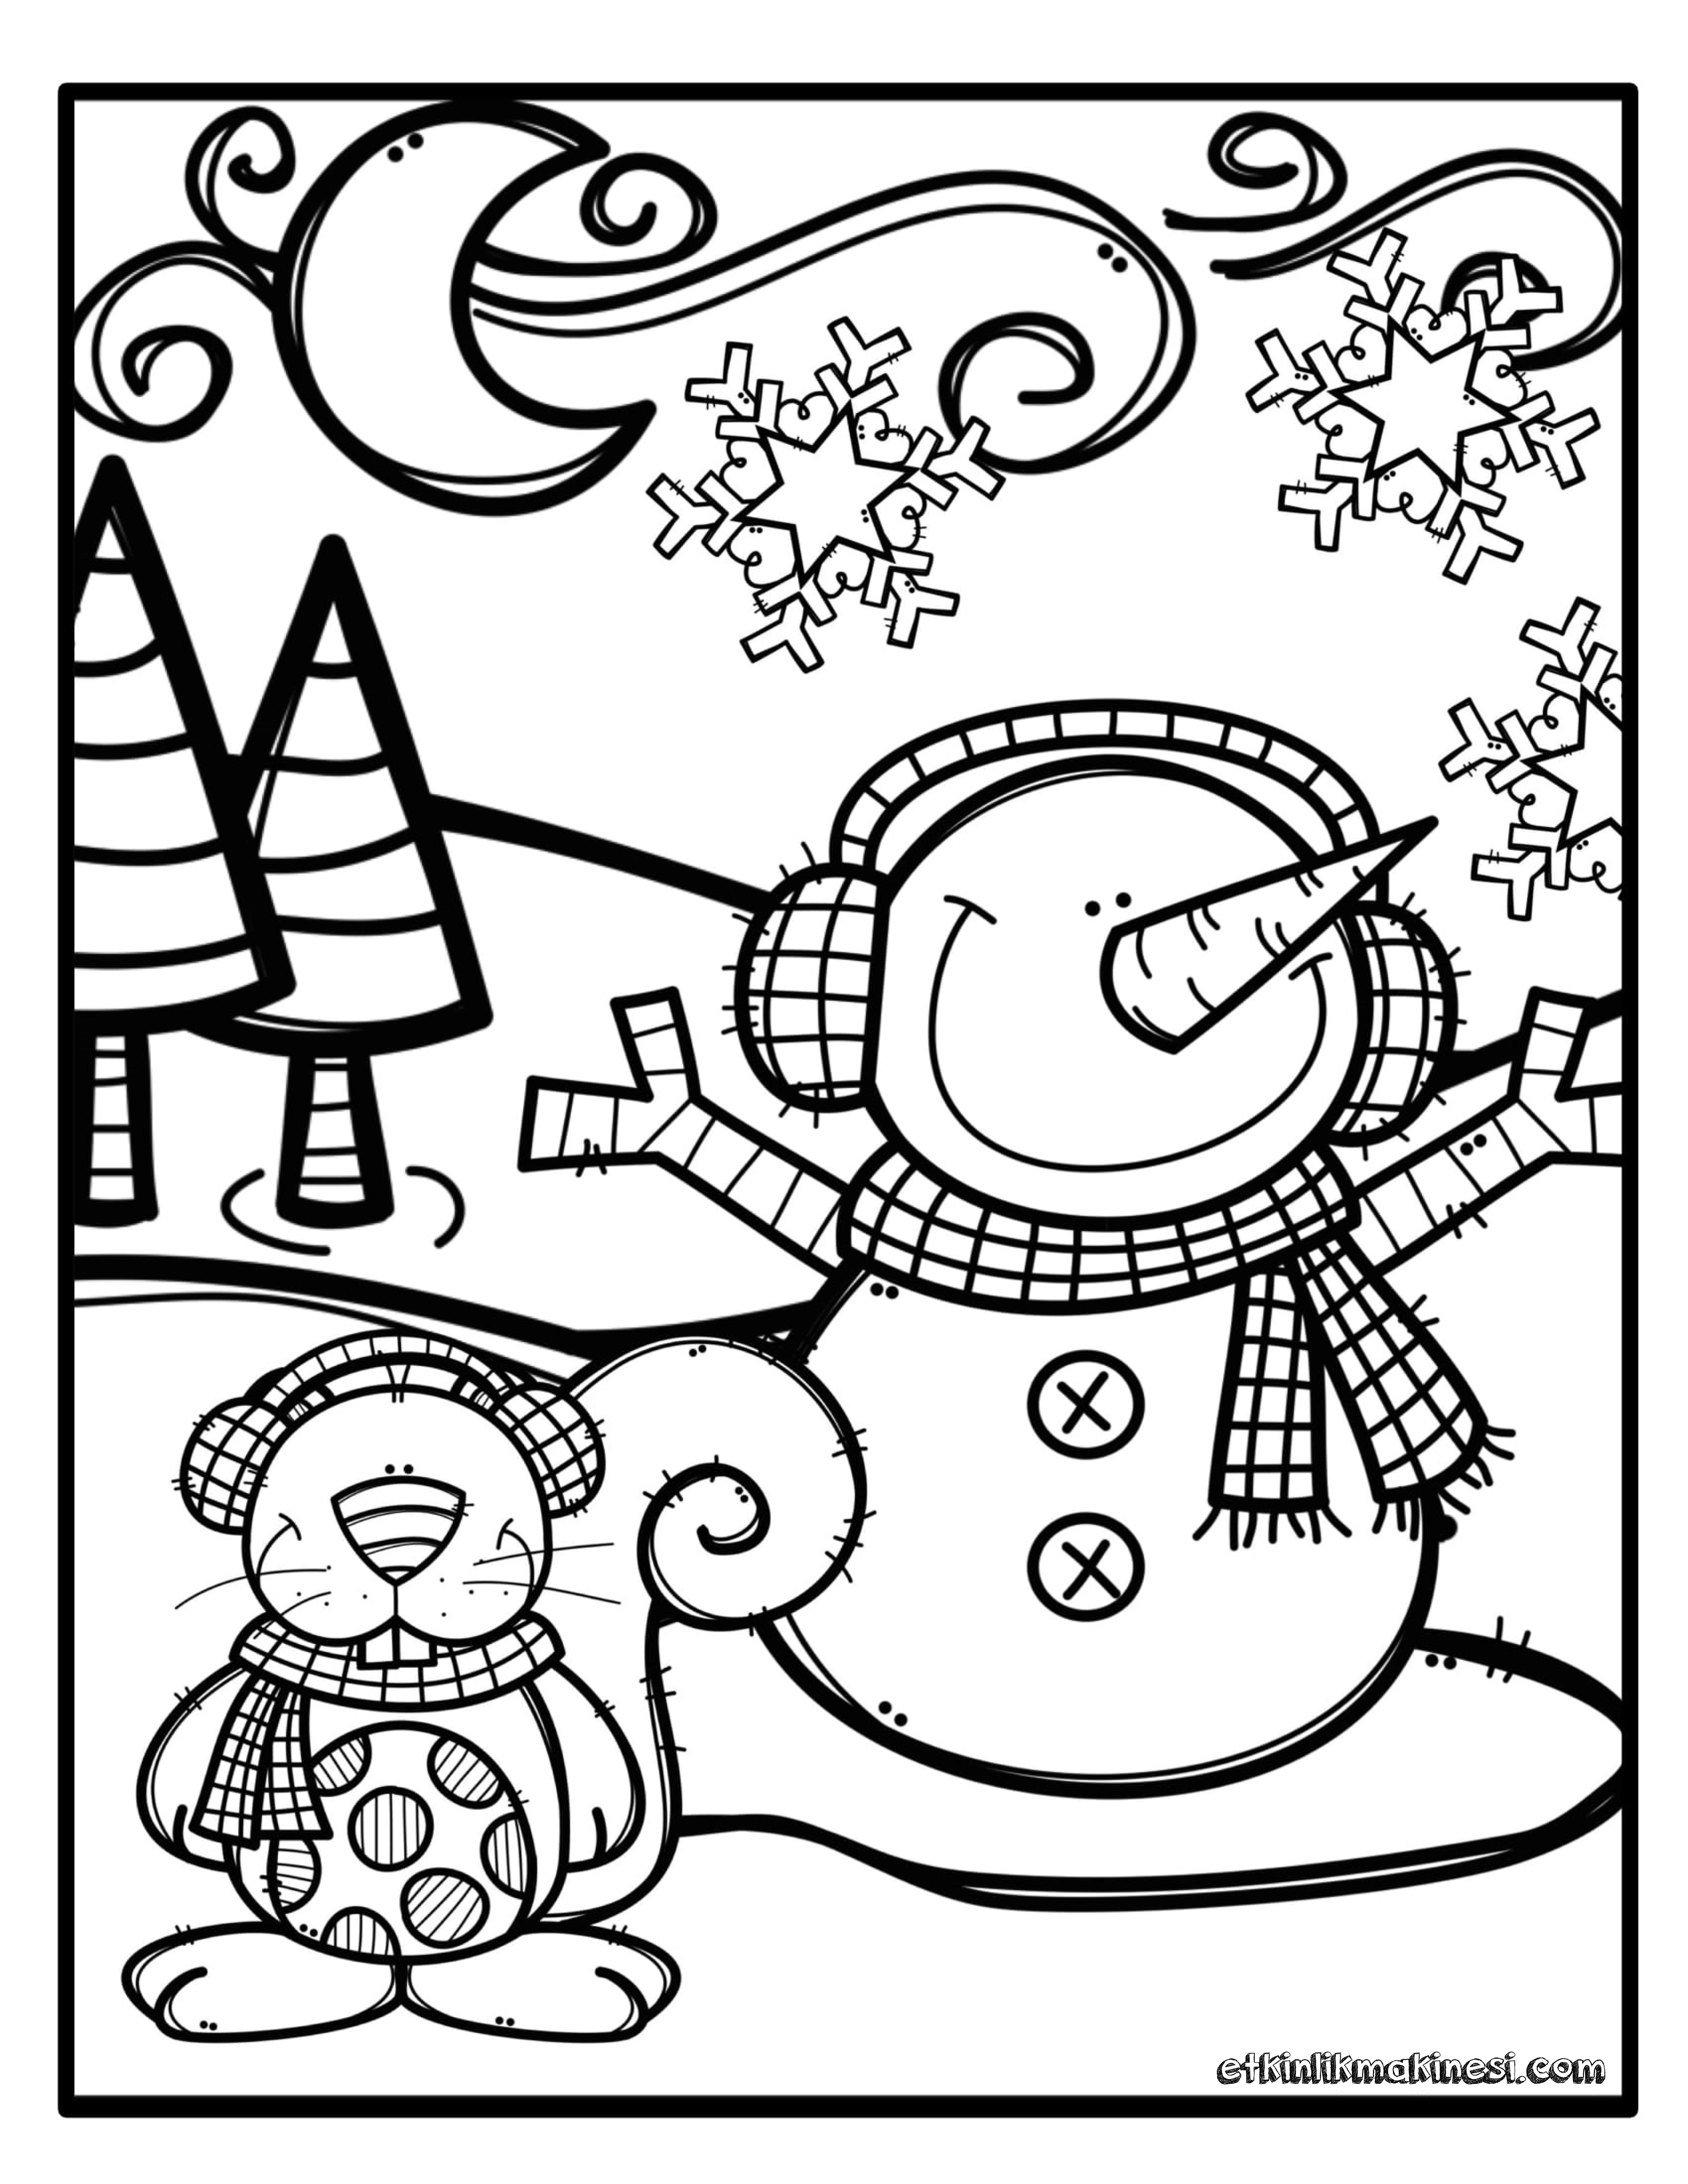 Winter Malvorlagen Malvorlagen Zum Ausmalen Neujahr 2019 Schneemann Sie Ist Weihnachtsmalvorlagen Malvorlagen Weihnachten Zum Ausmalen